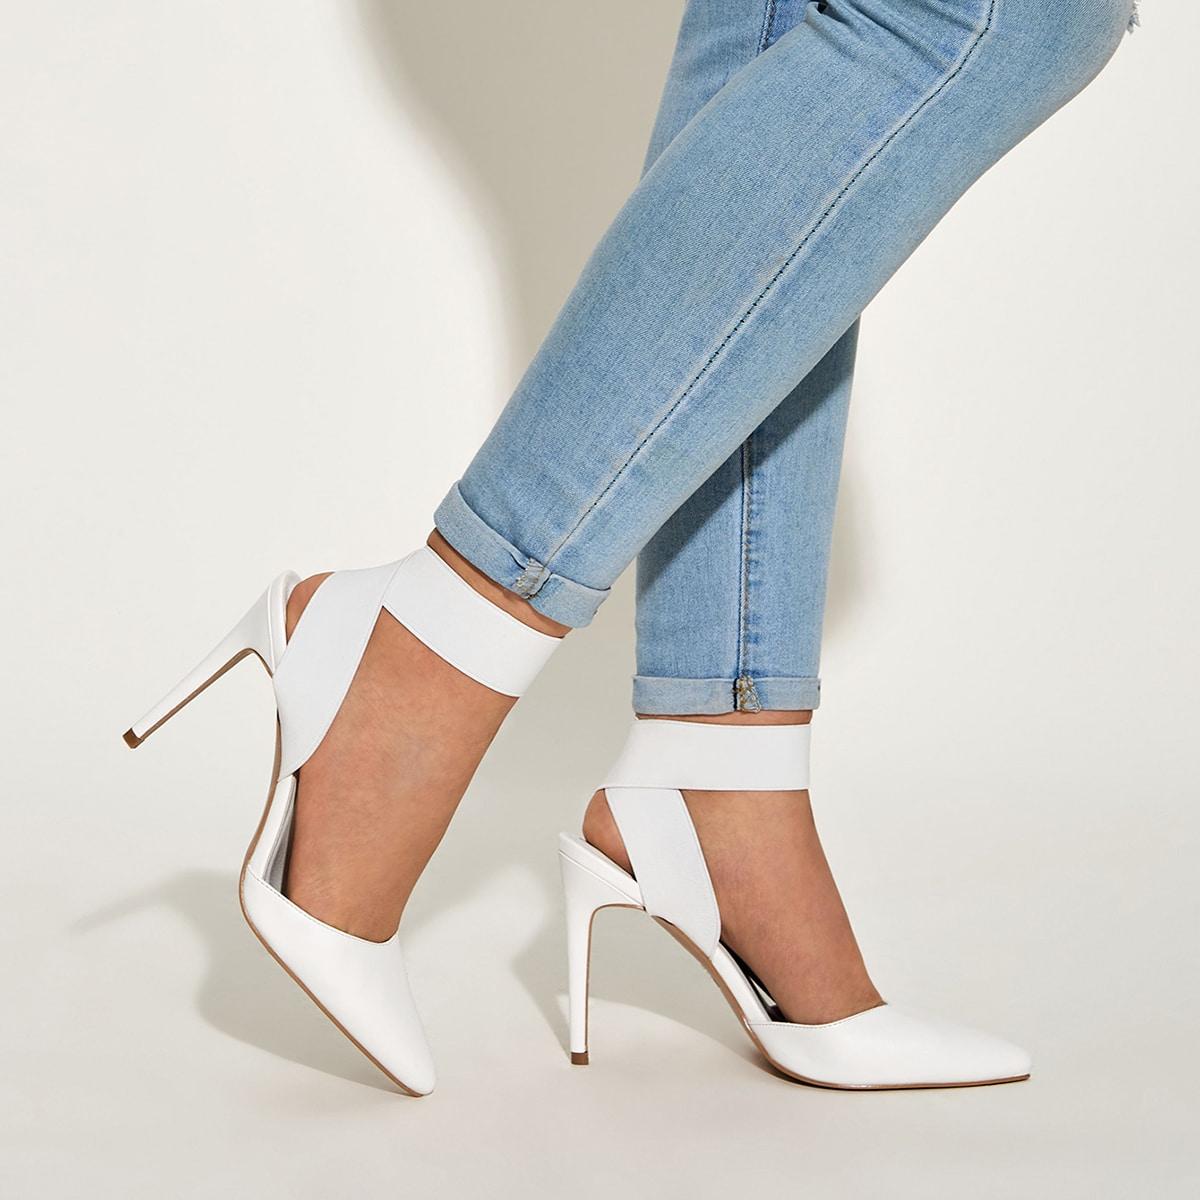 Остроконечные туфли на шпильках от SHEIN